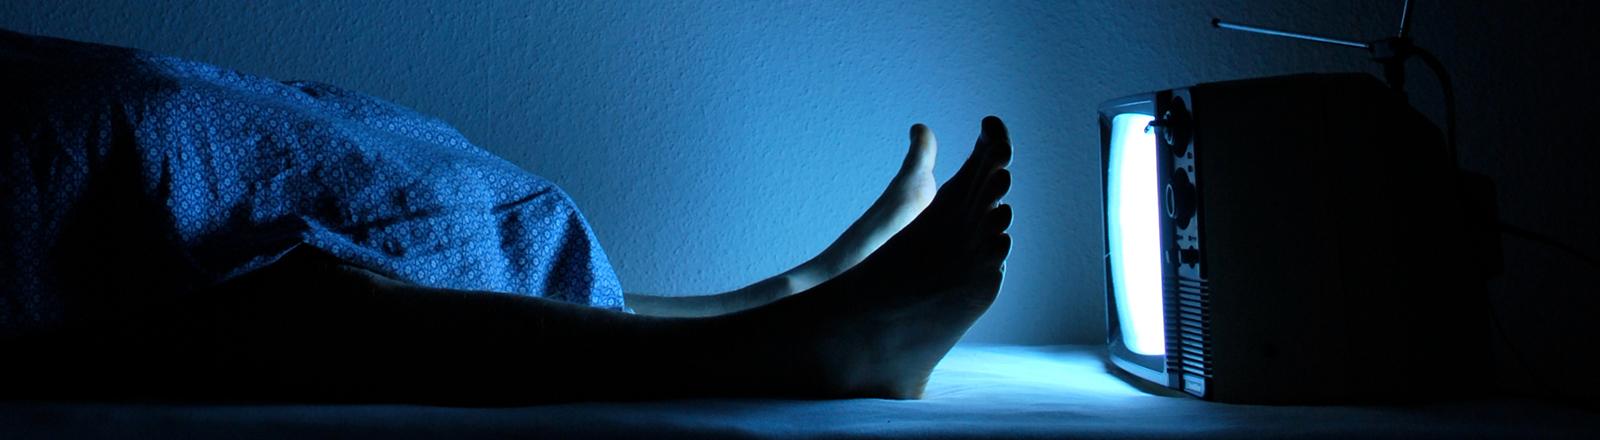 Nackte Füße vor dem Fernseher.